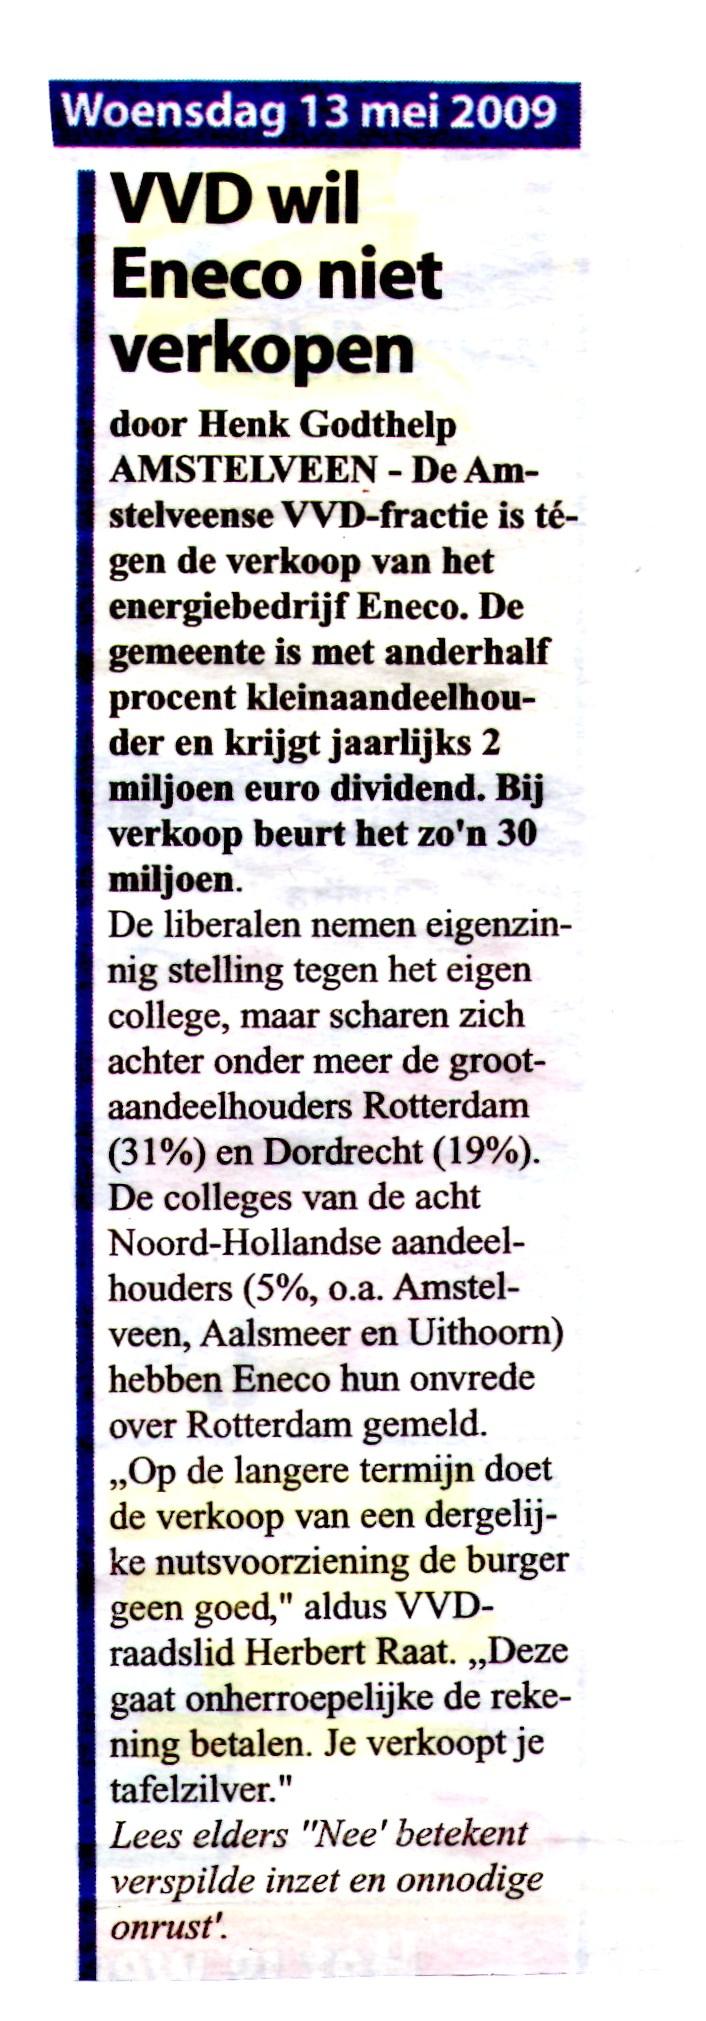 2009- gemeente wil het tafelzilver verkopen de aandelen Eneco (2)